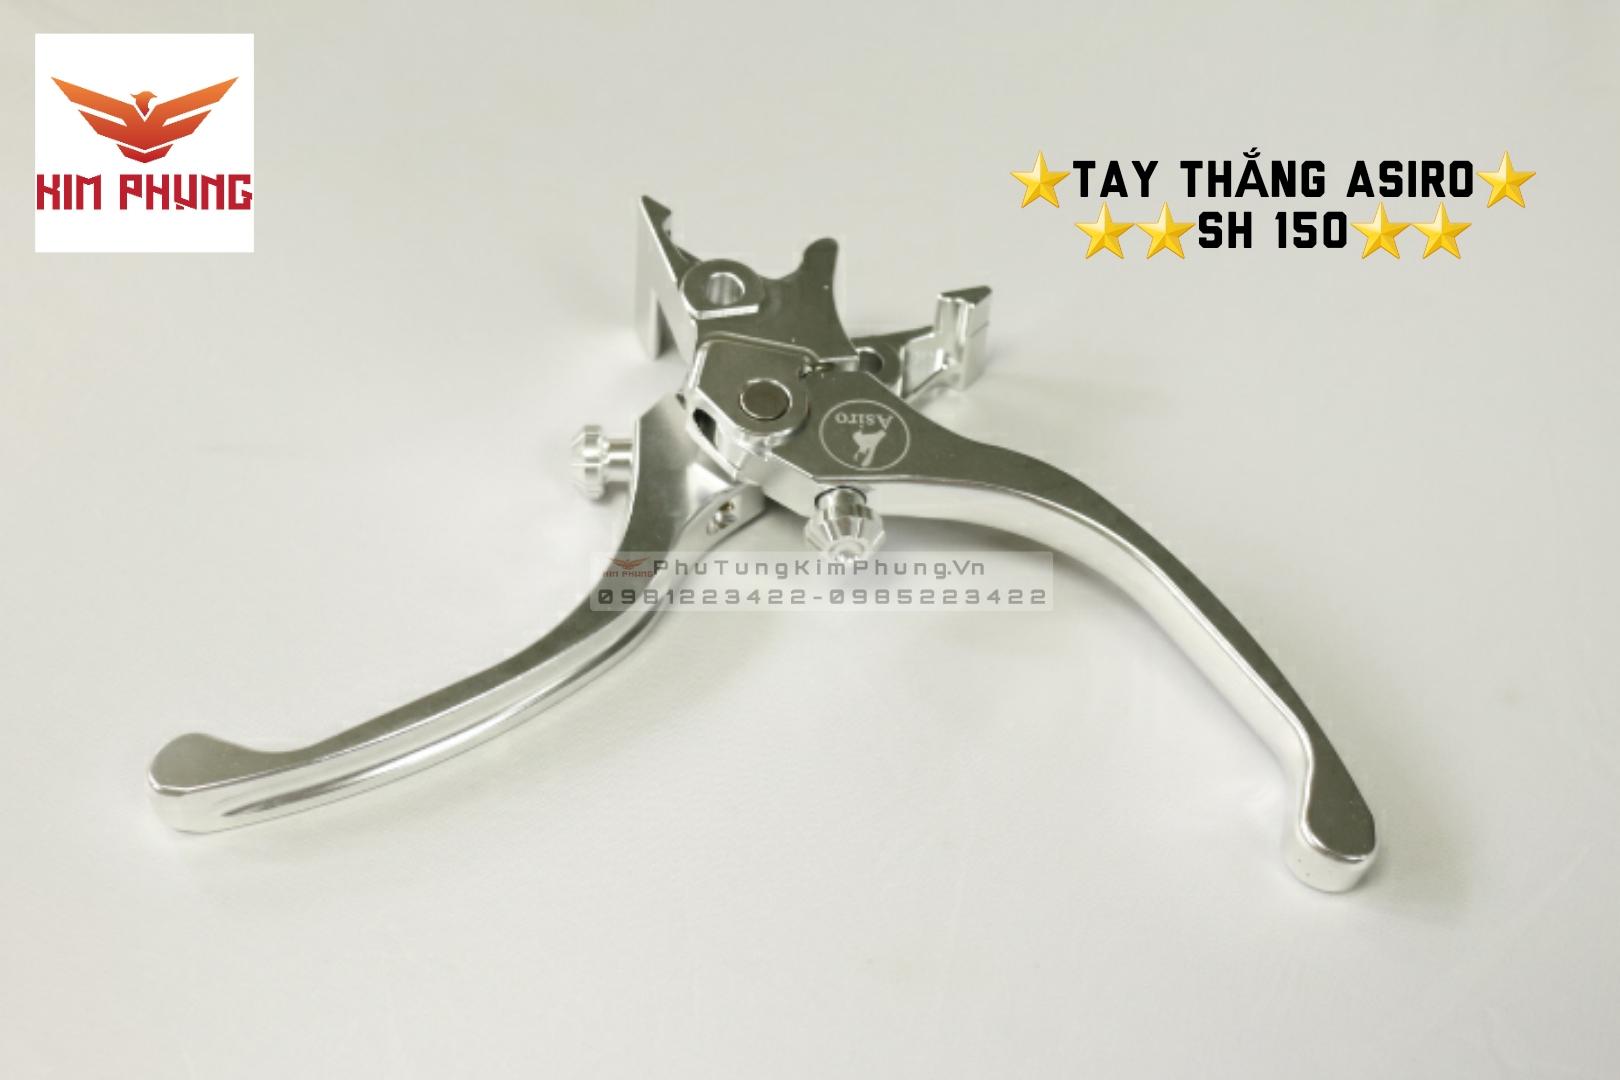 TAY THẮNG ASIRO SH 150 - ĐỒ CHƠI & ĐỒ ĐỘ